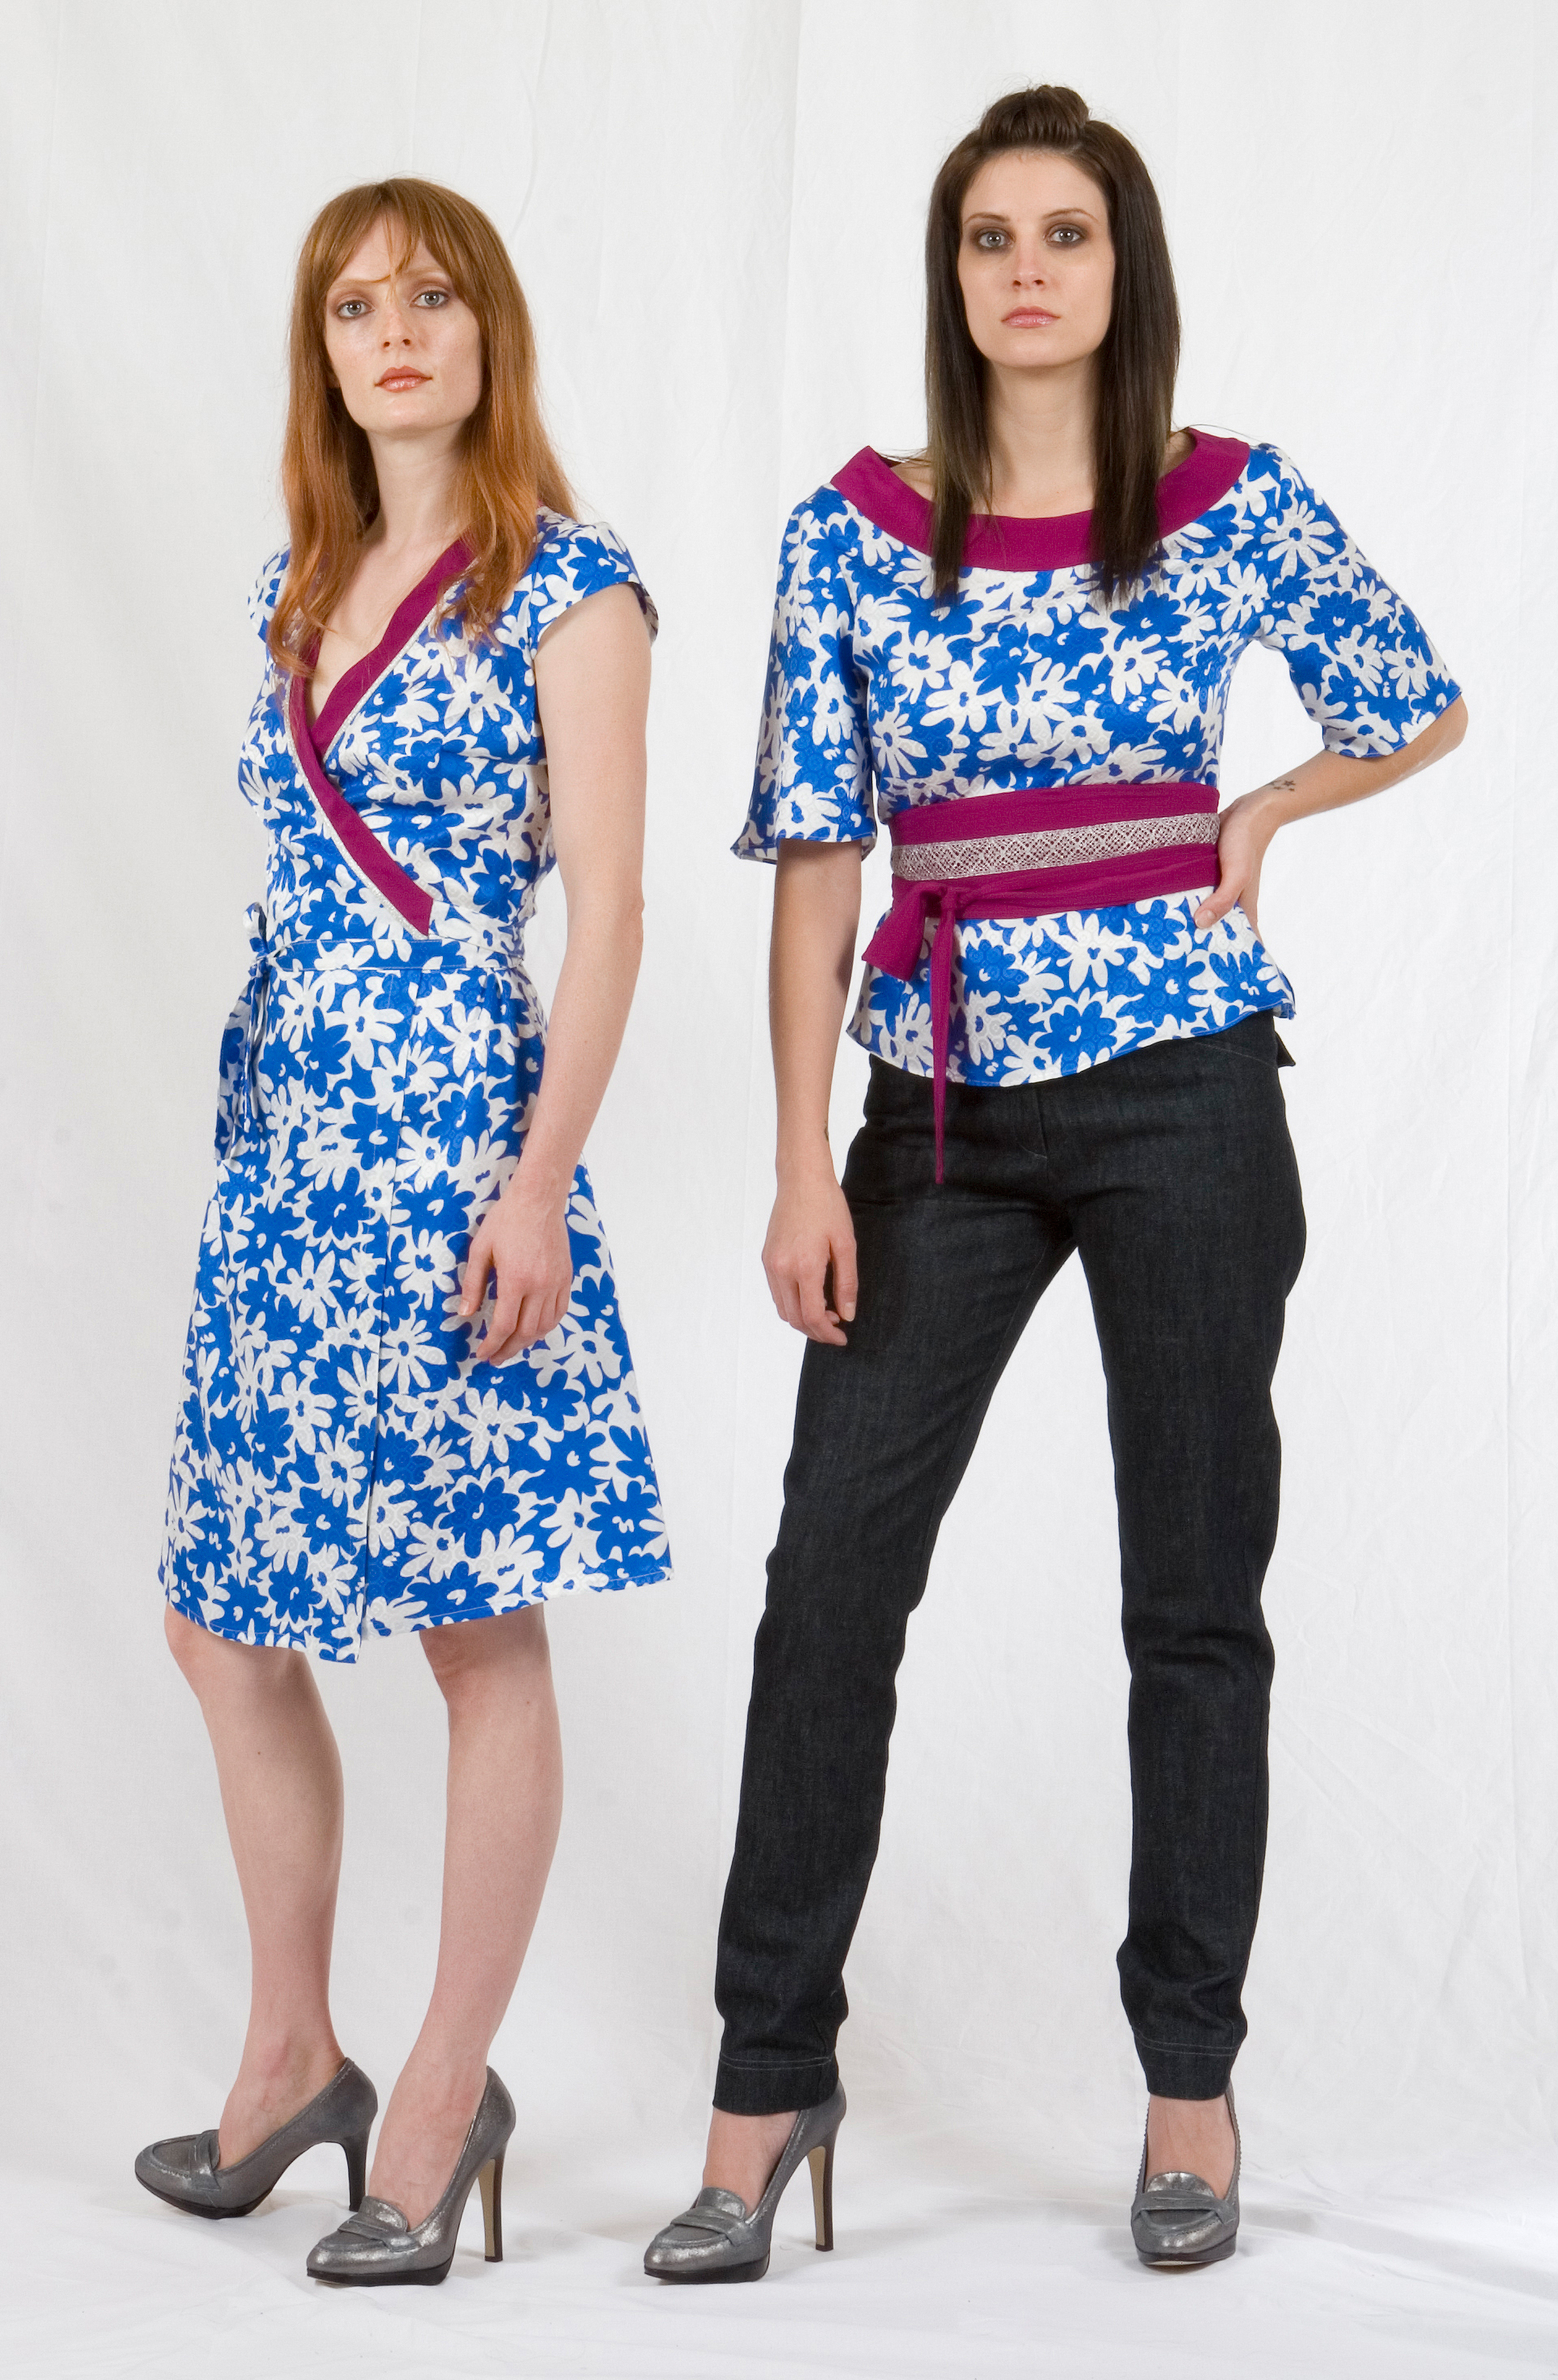 Wrap Dress in Silk Printed Jaquard & Crepe w/ Metallic Trim.  Belted Scoop Blouse in Silk Printed Jaquard & Crepe w/ Metallic Lace Trim.  Black Denim Skinny Jean.